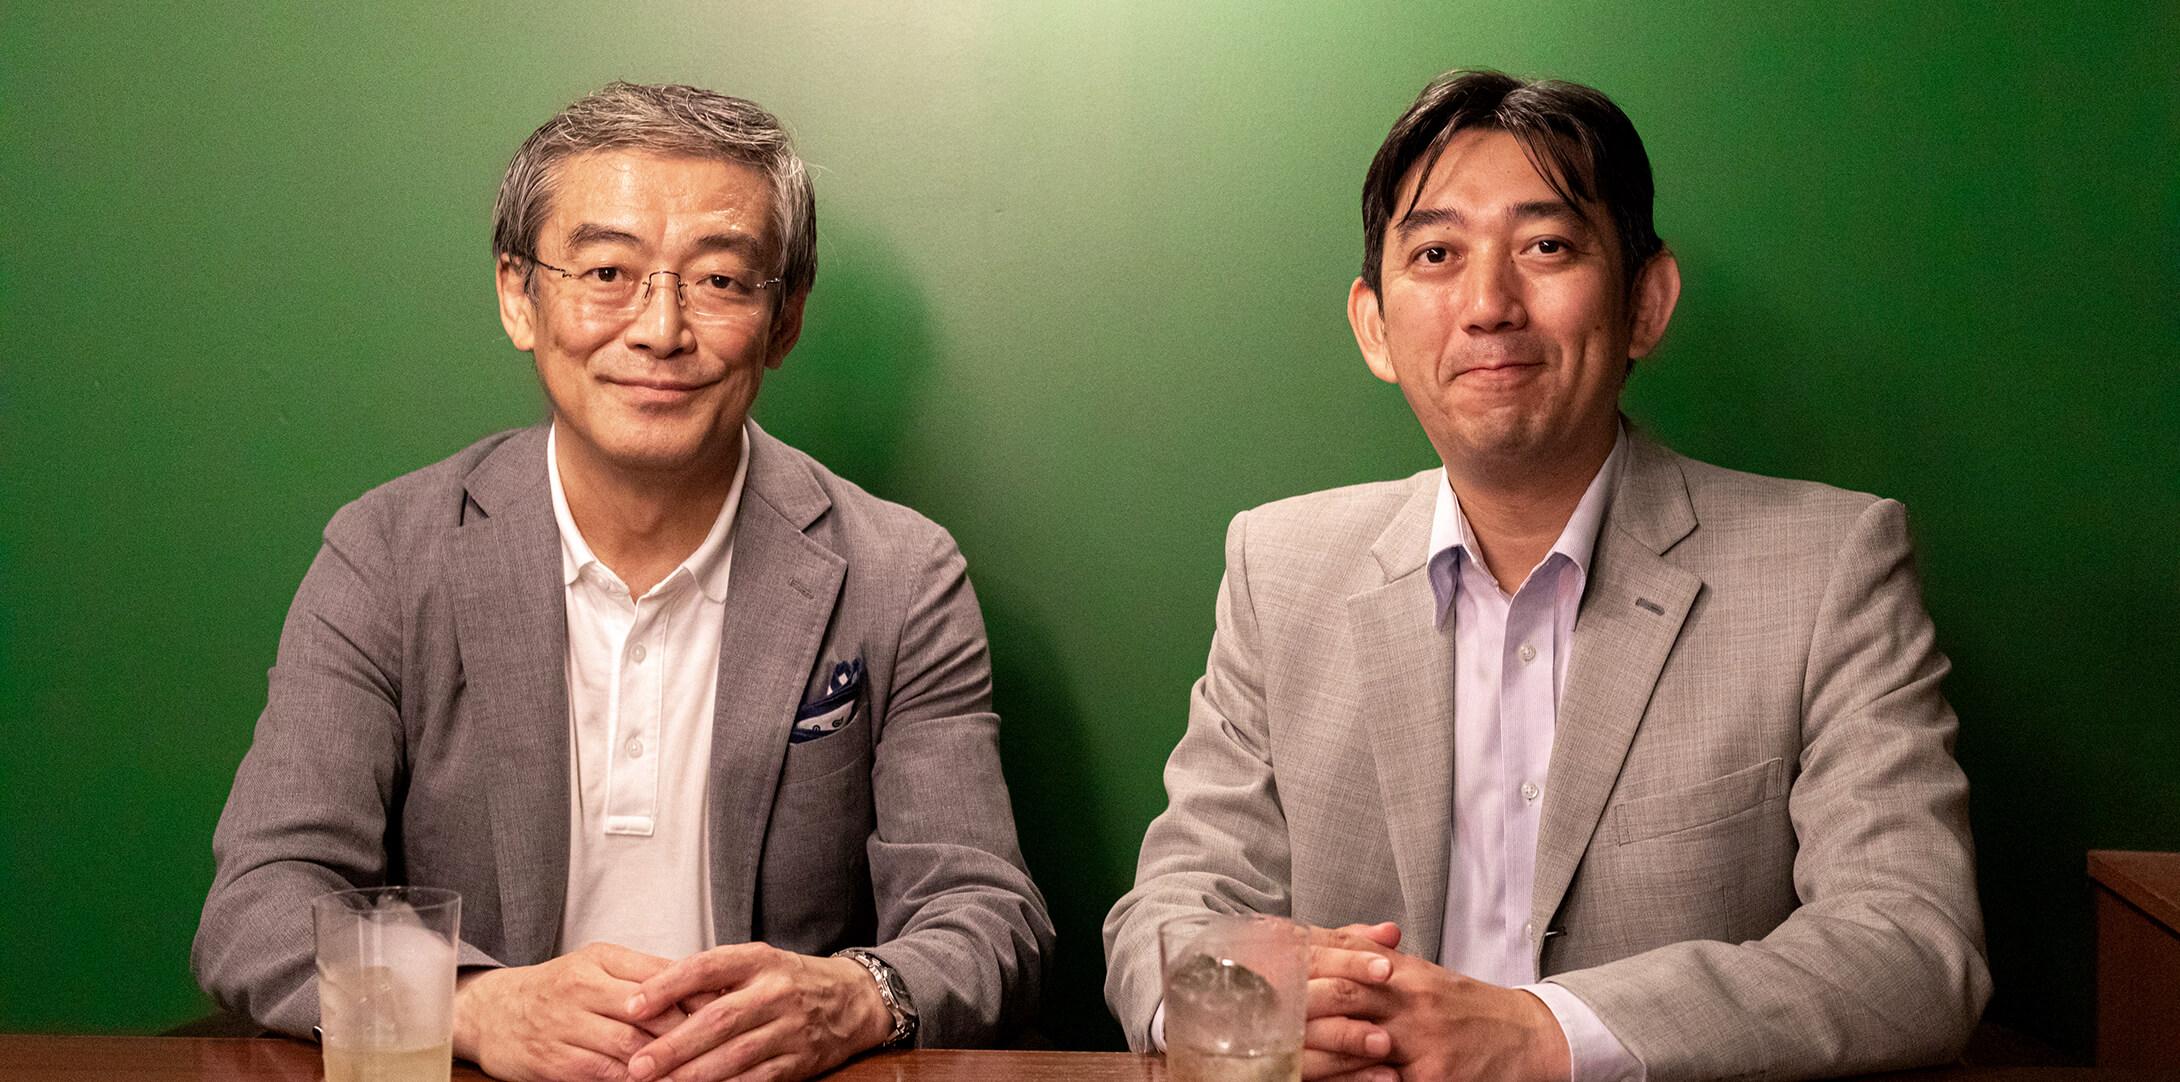 【対談】山崎元さんと考える、「善良なFPは、あなたの資産を正しく導く。」前編